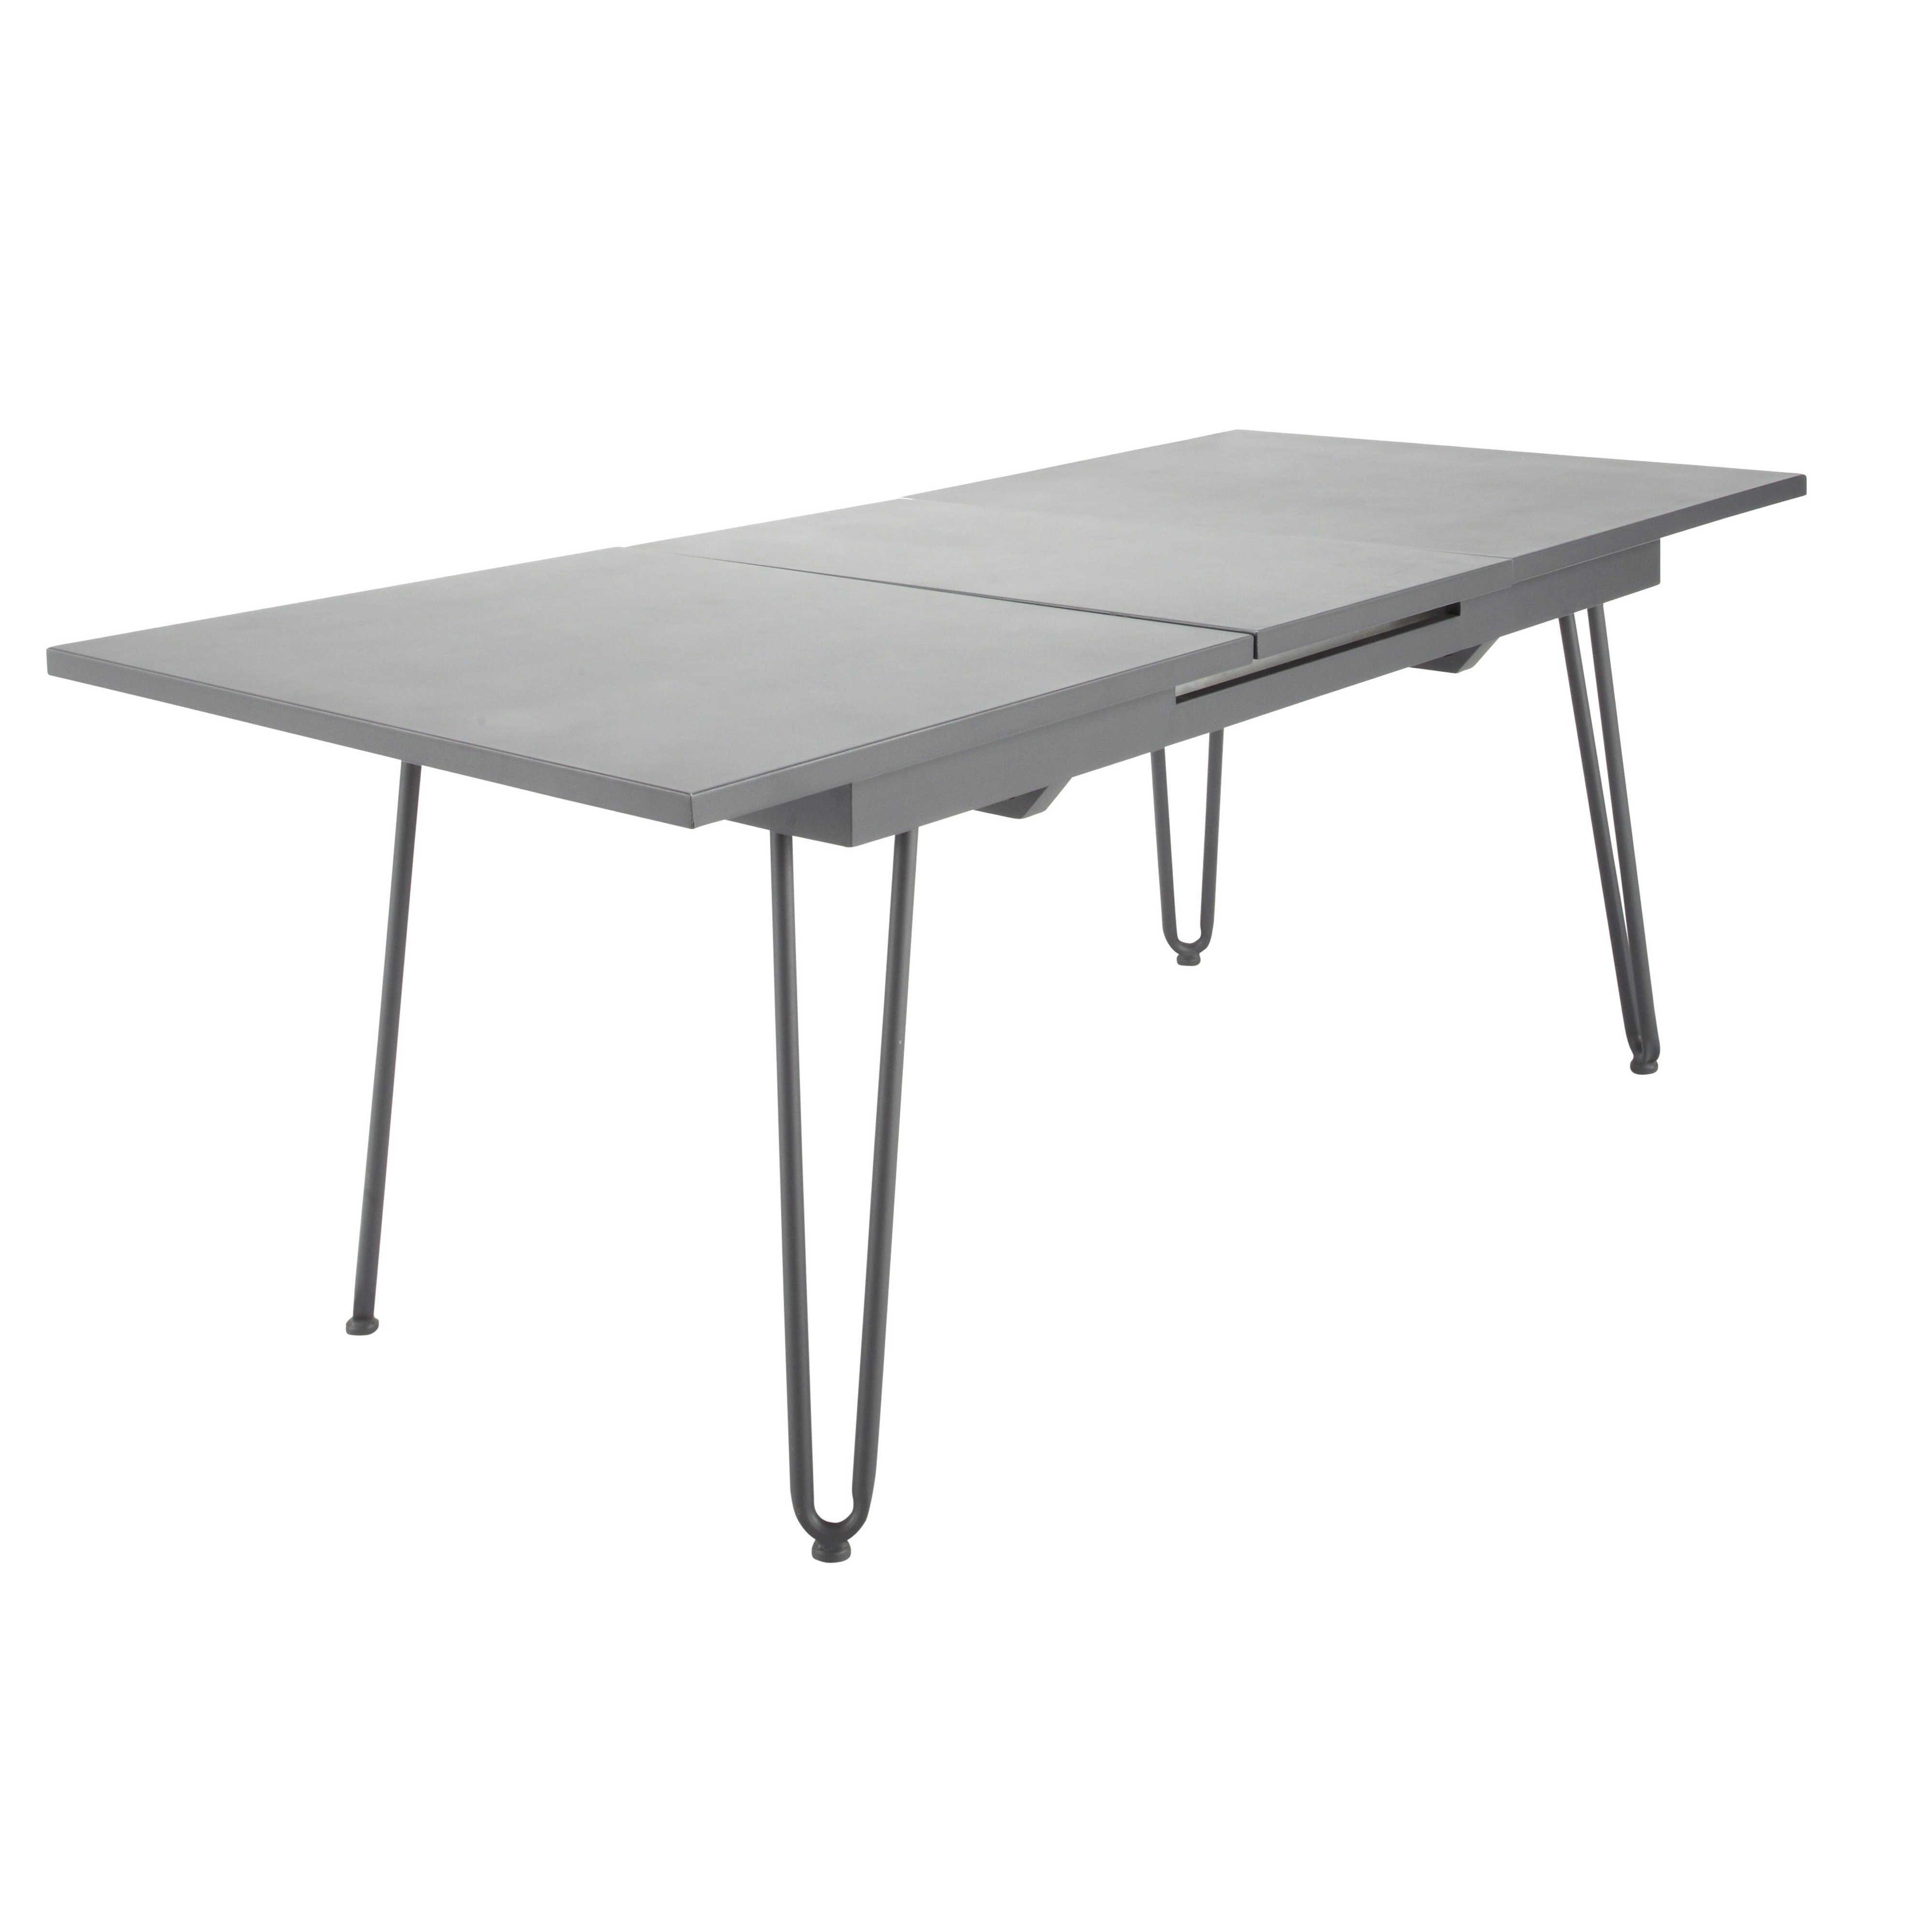 Maison du monde table de jardin rallonge en m tal gris ardoise l 150 cm swing terrasse - Table de jardin metal gris ...